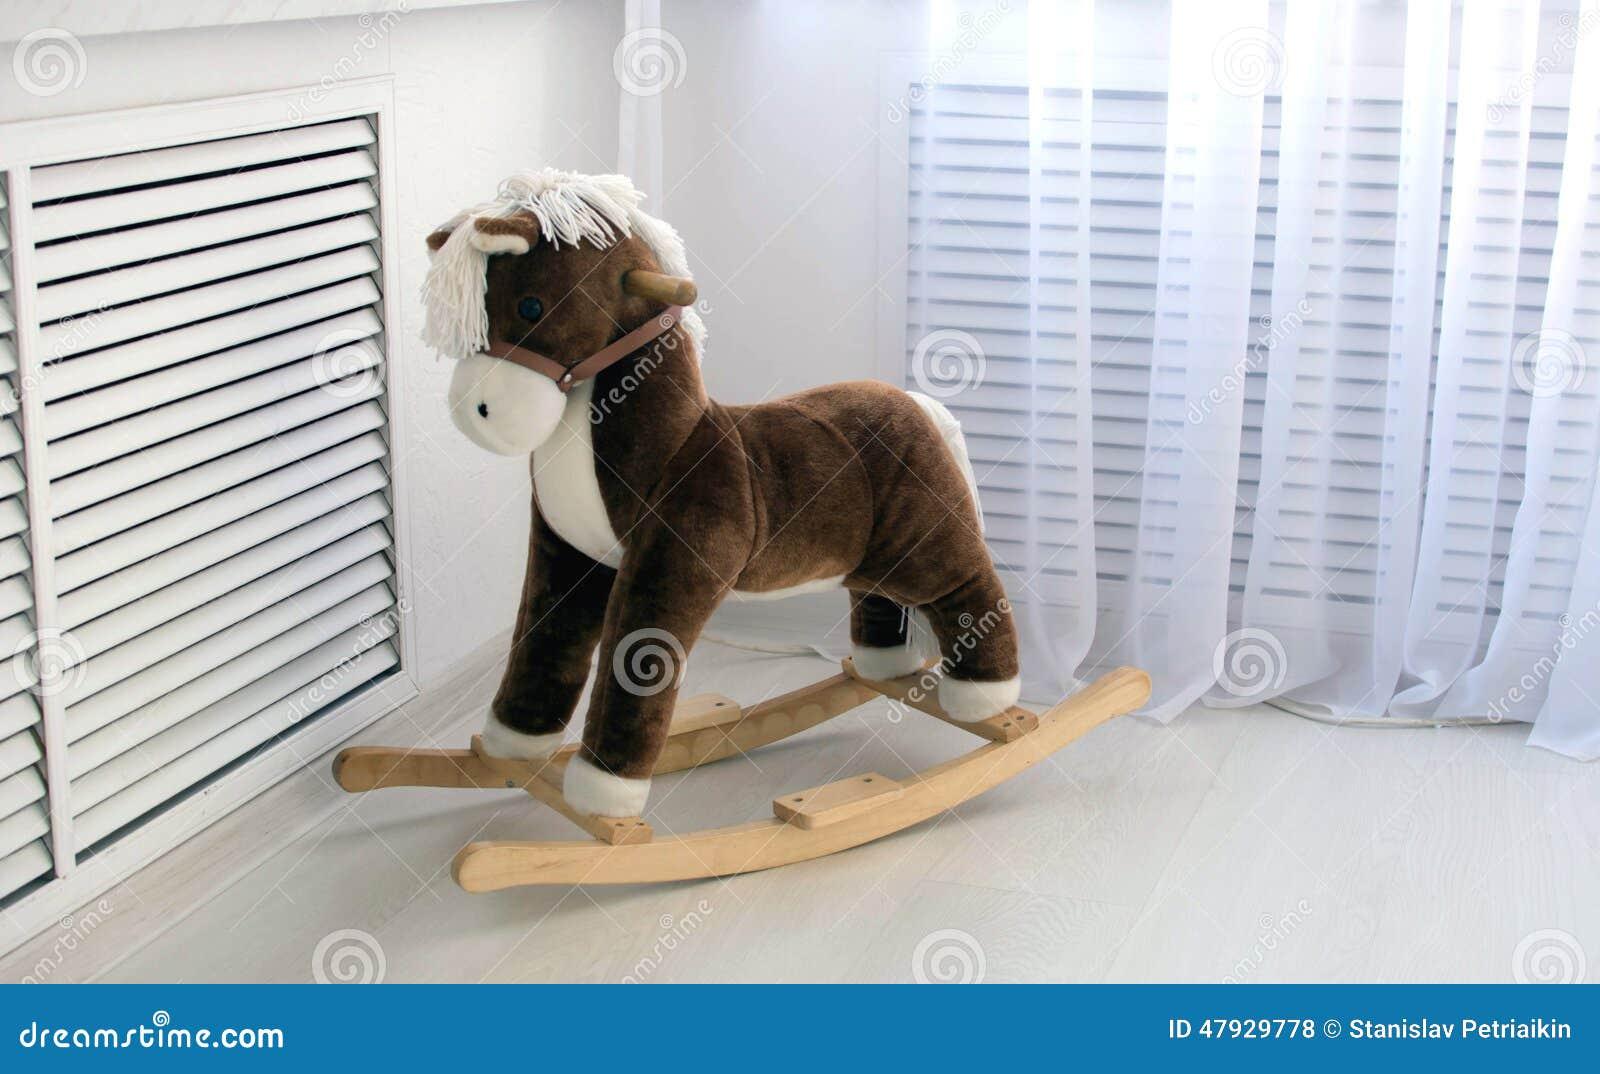 spielzeug - hölzernes pferd stockfoto - bild von schaukeln, baum